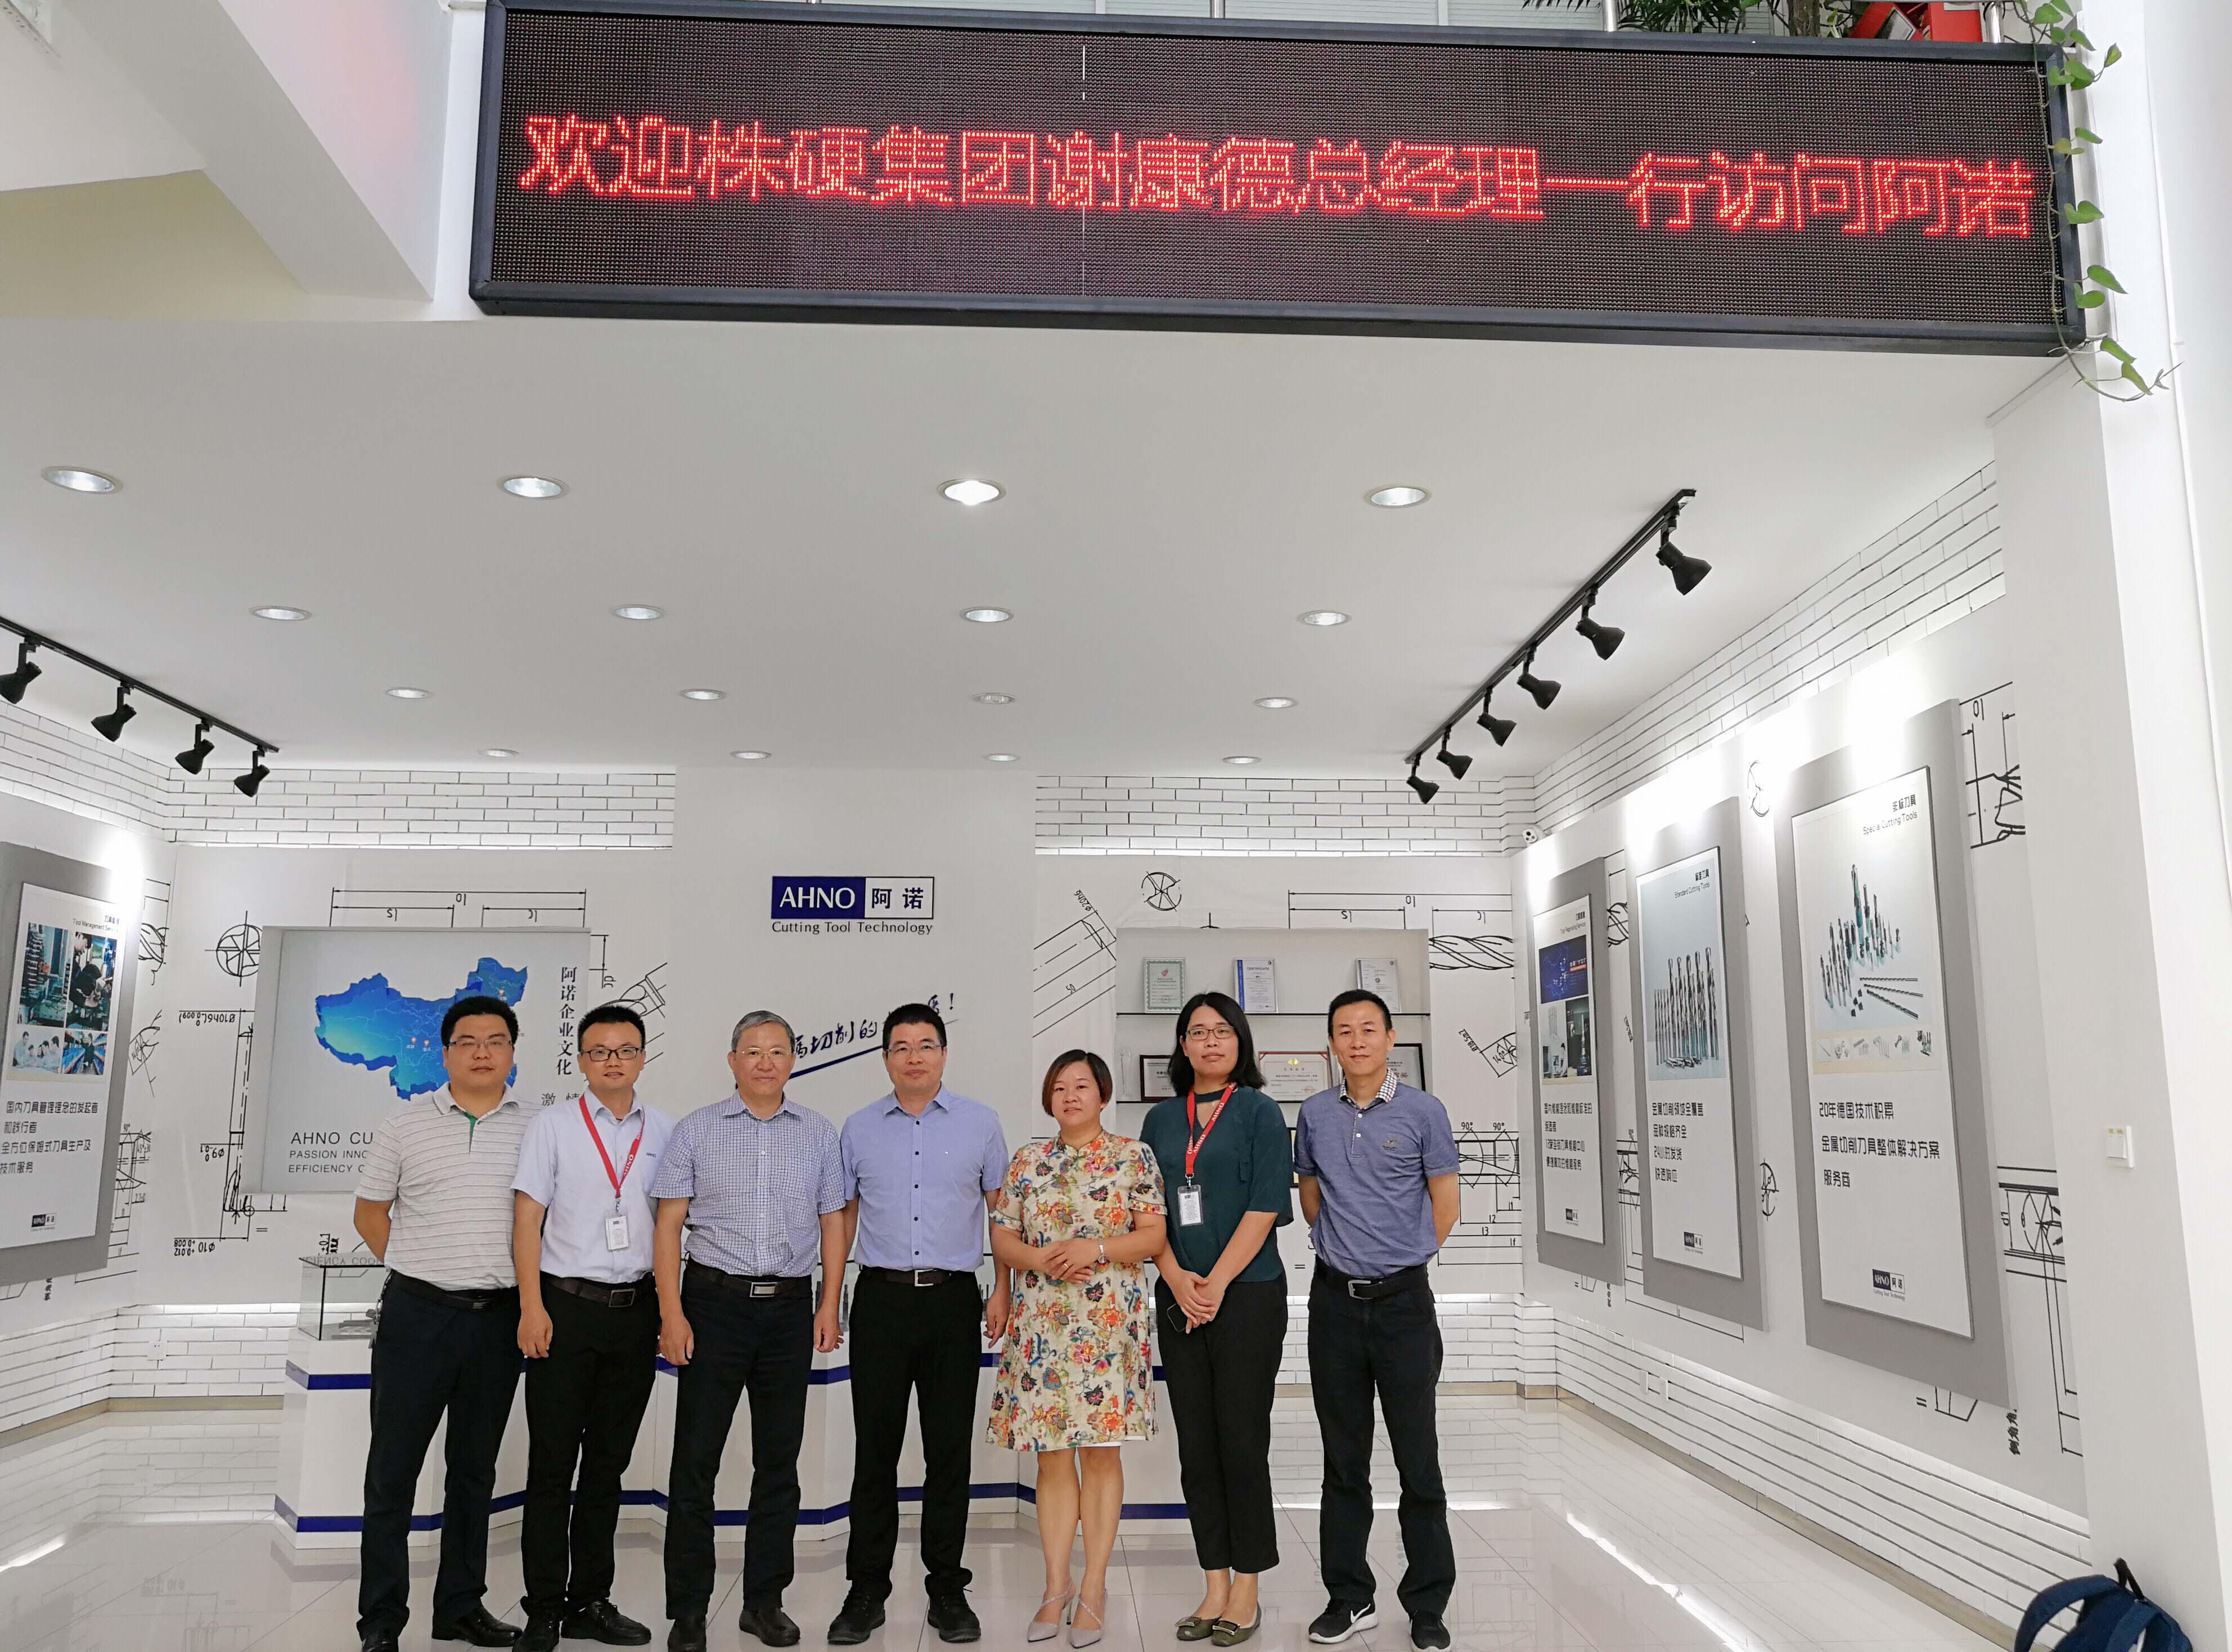 中钨高新兼株硬集团公司访问阿诺